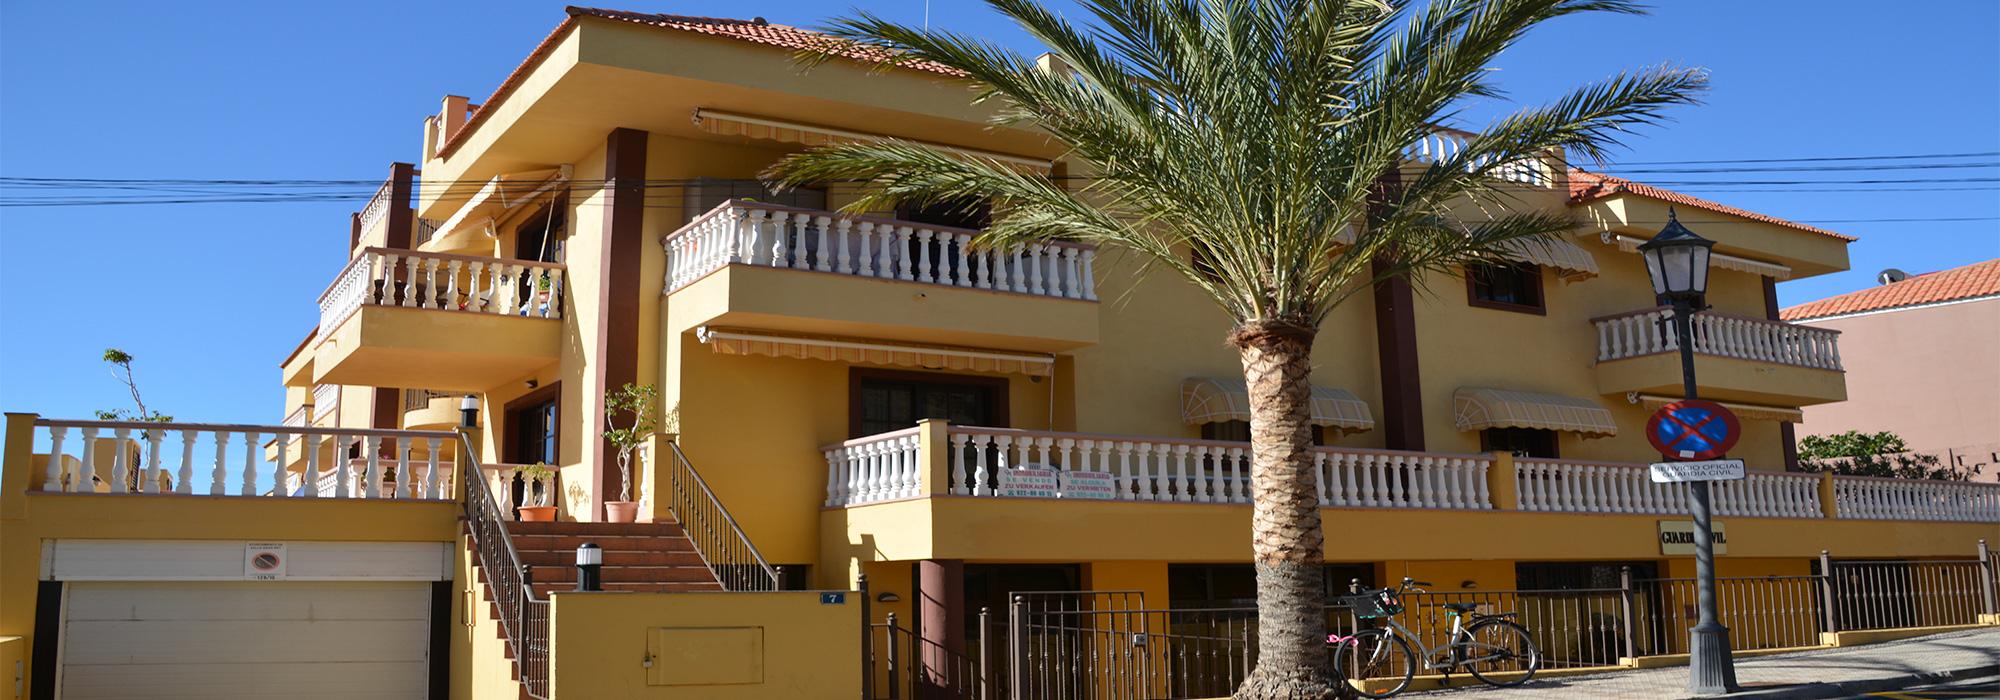 Apartamento El Cieno II, La Playa